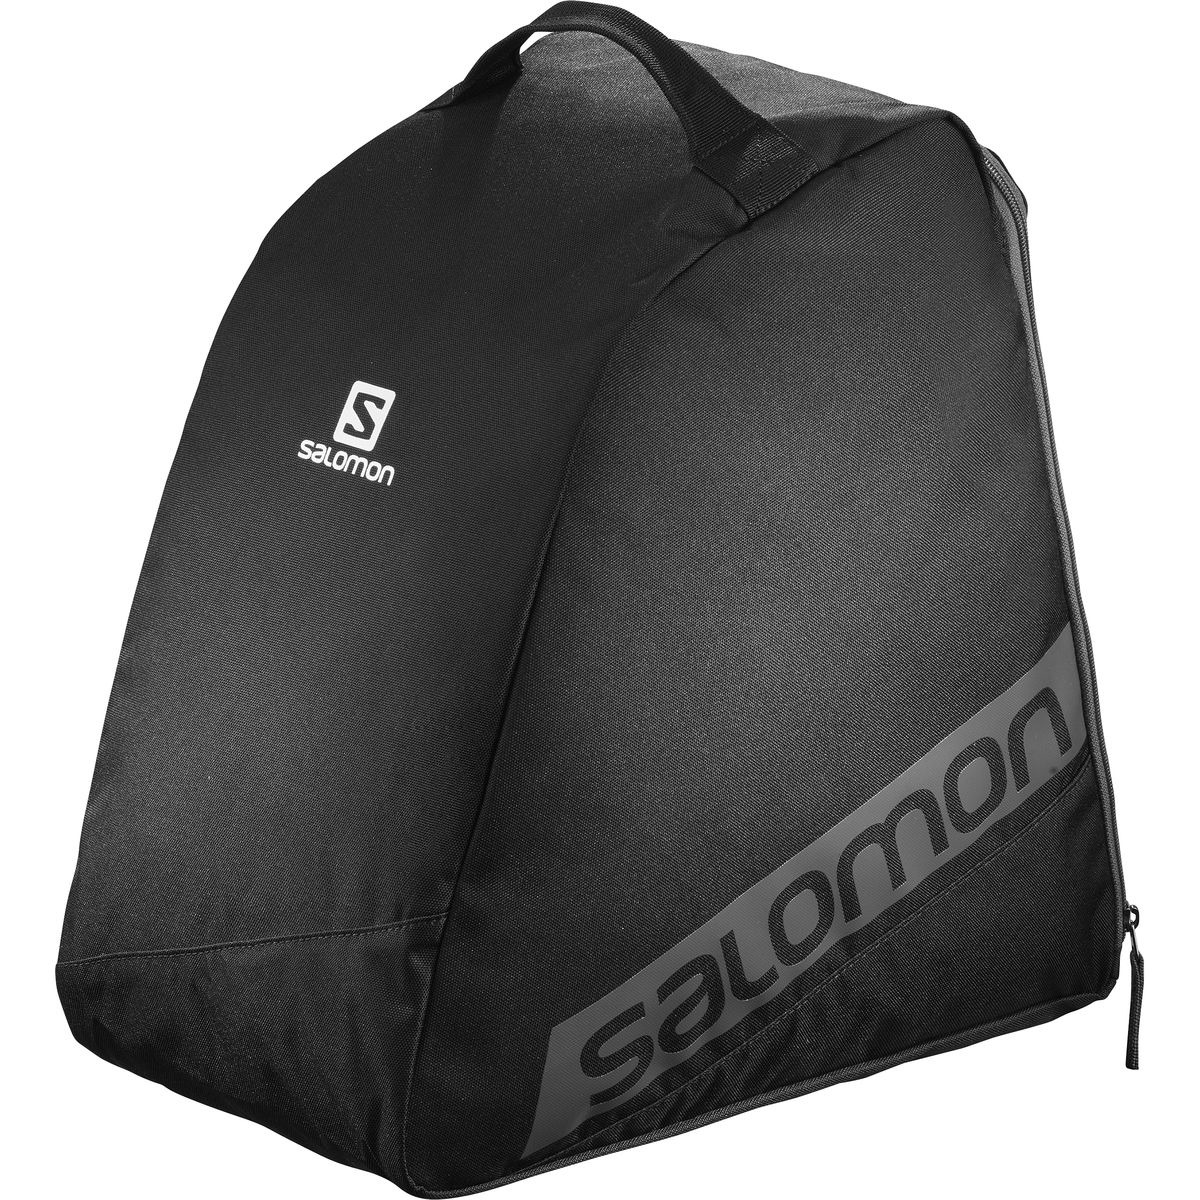 Чехол для лыжных ботинок Salomon Original Bootbag, LC1206900, черный